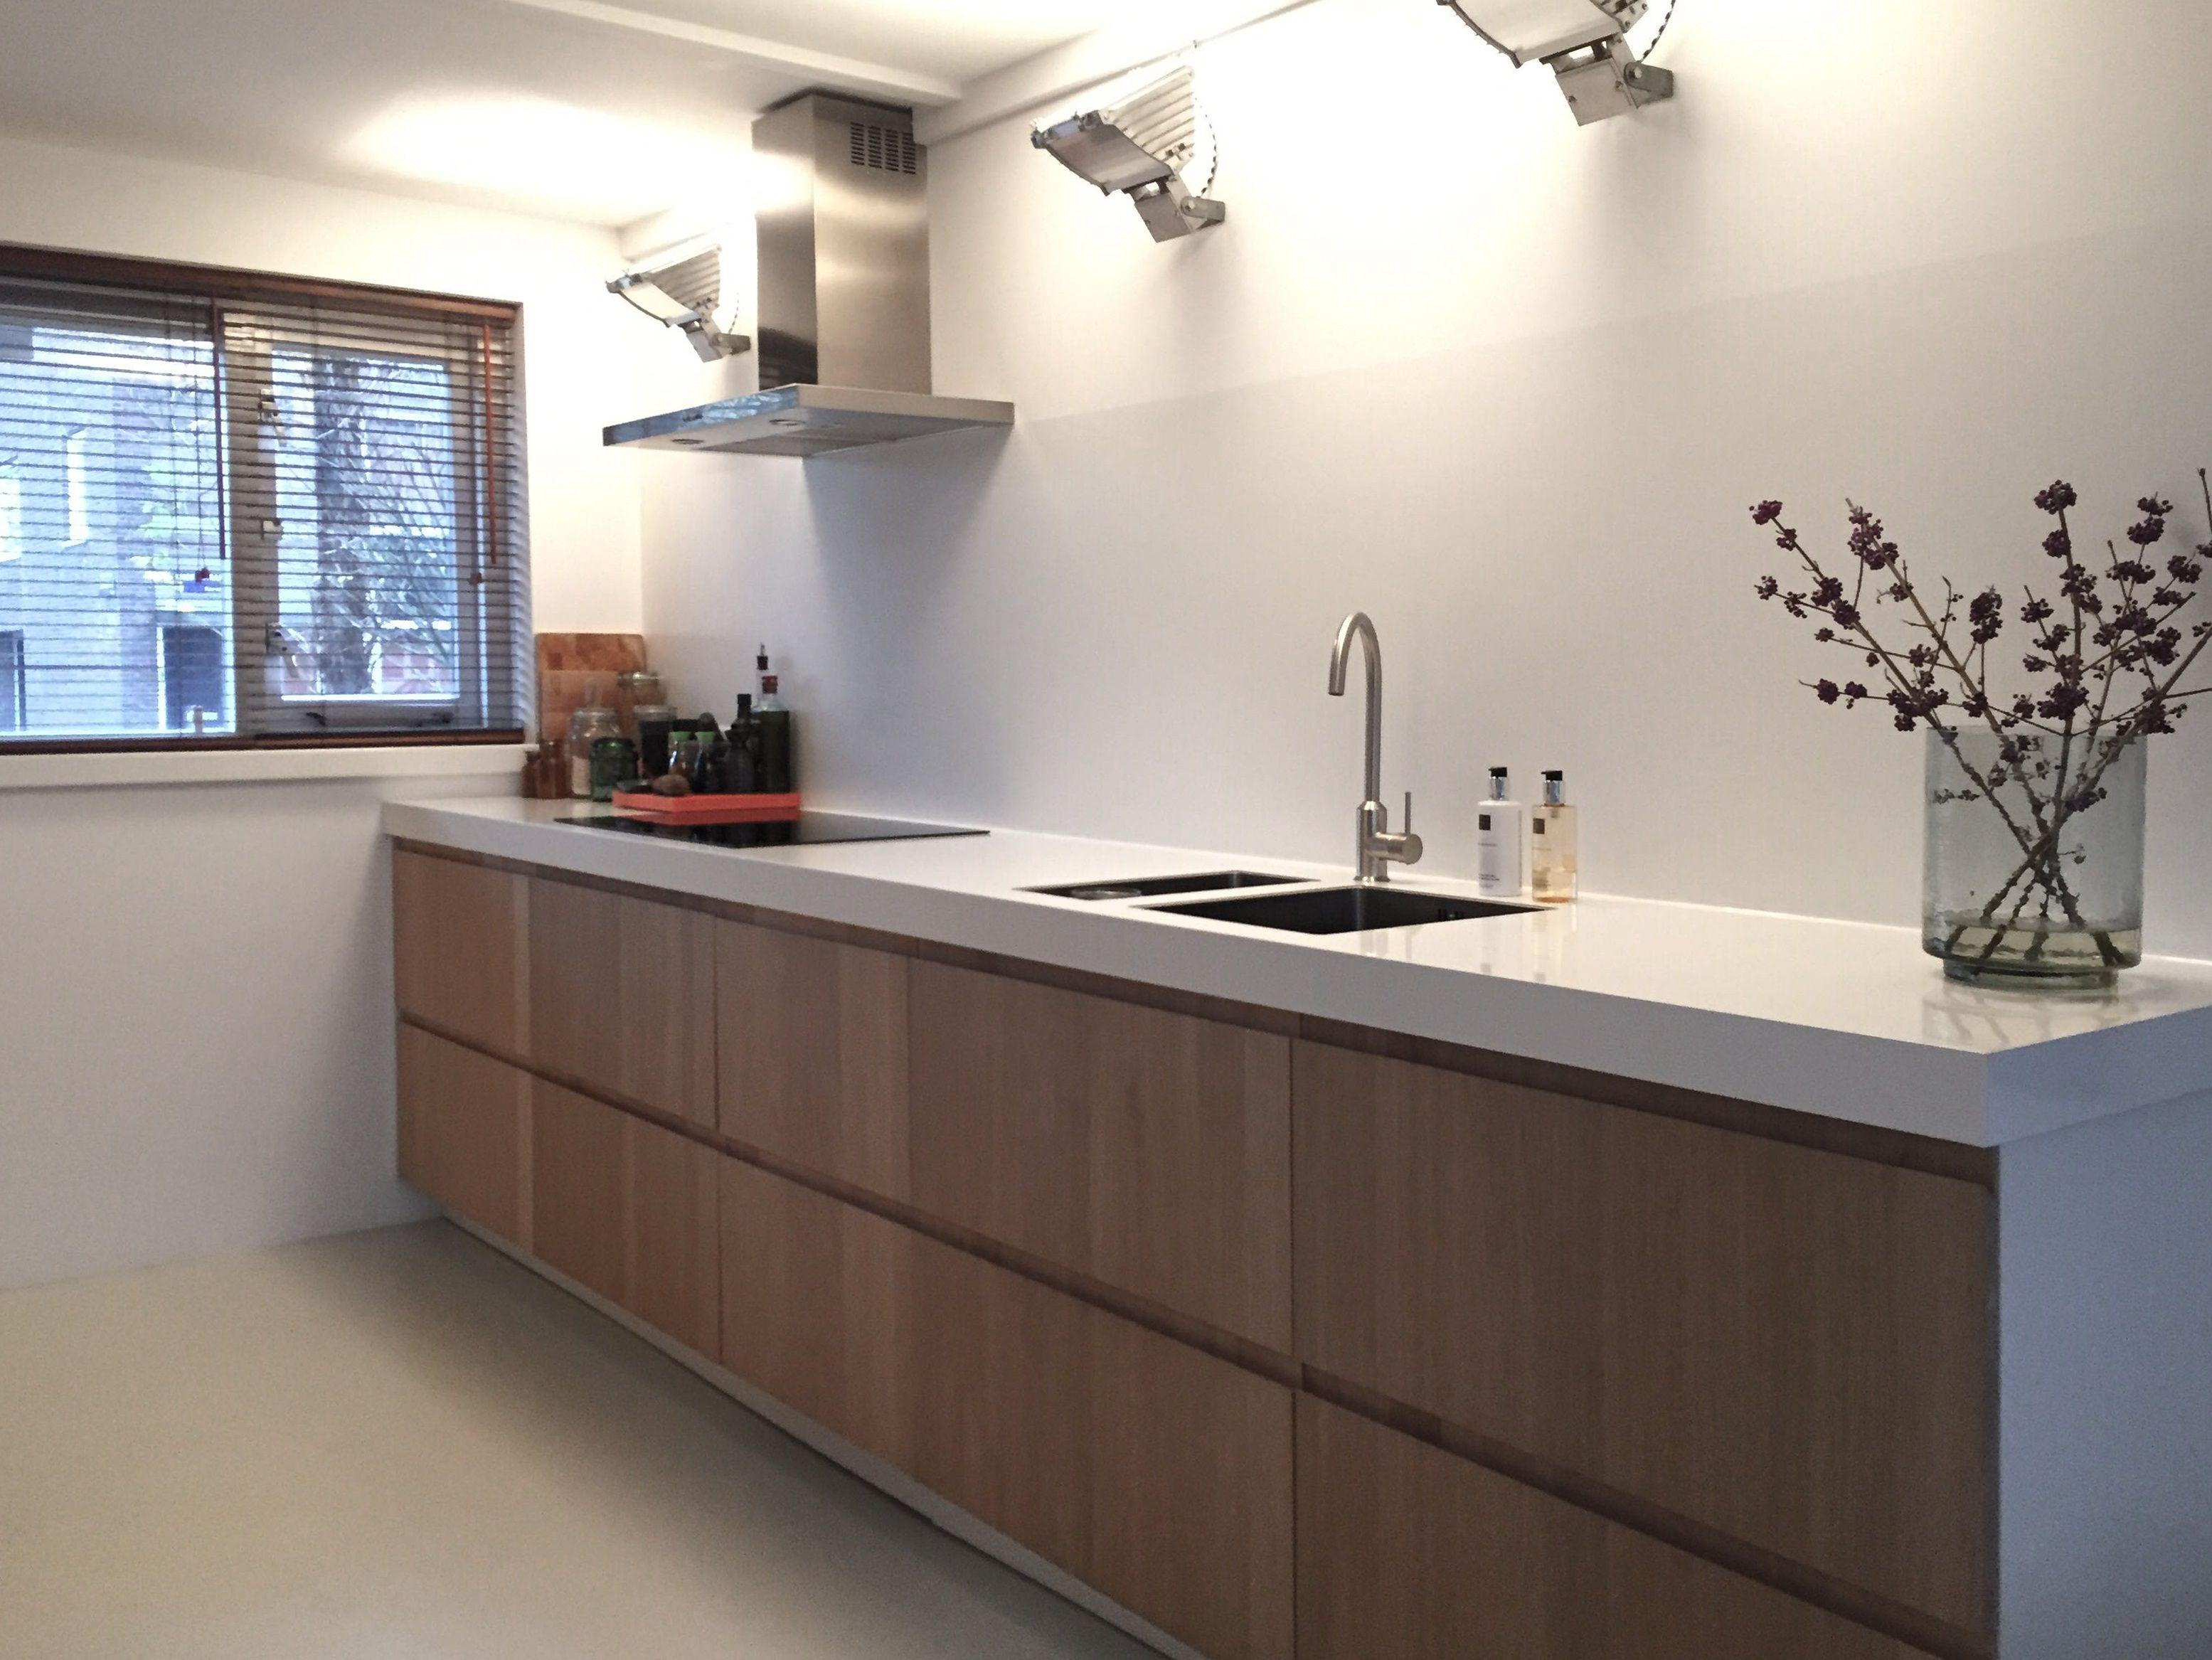 Diy Keuken Ikea : Modern en scandinavisch industriële keuken gemaakt op basis van